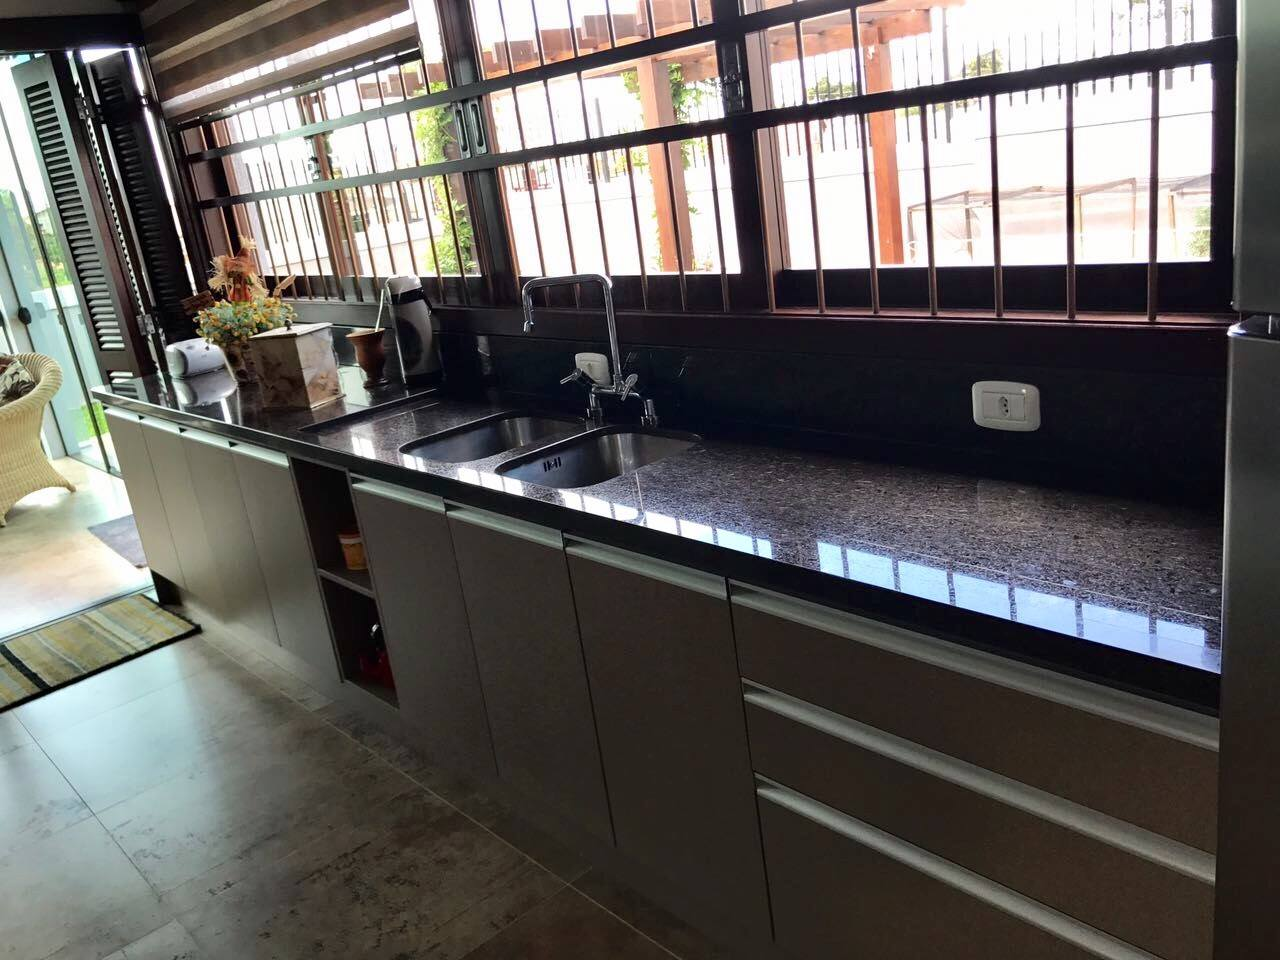 Conhecido Obras - Tampos de cozinha em Granito Café Imperial!!!! - Bella  SS36